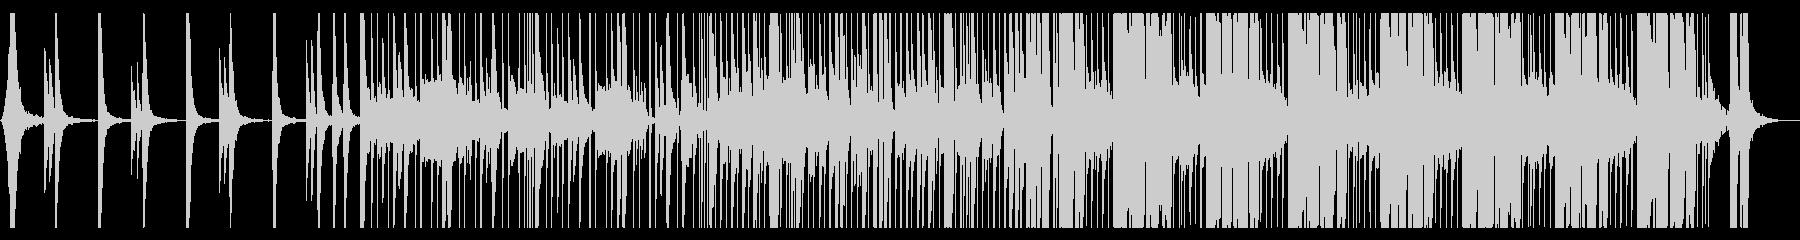 かわいいフューチャーベースNo386_2の未再生の波形